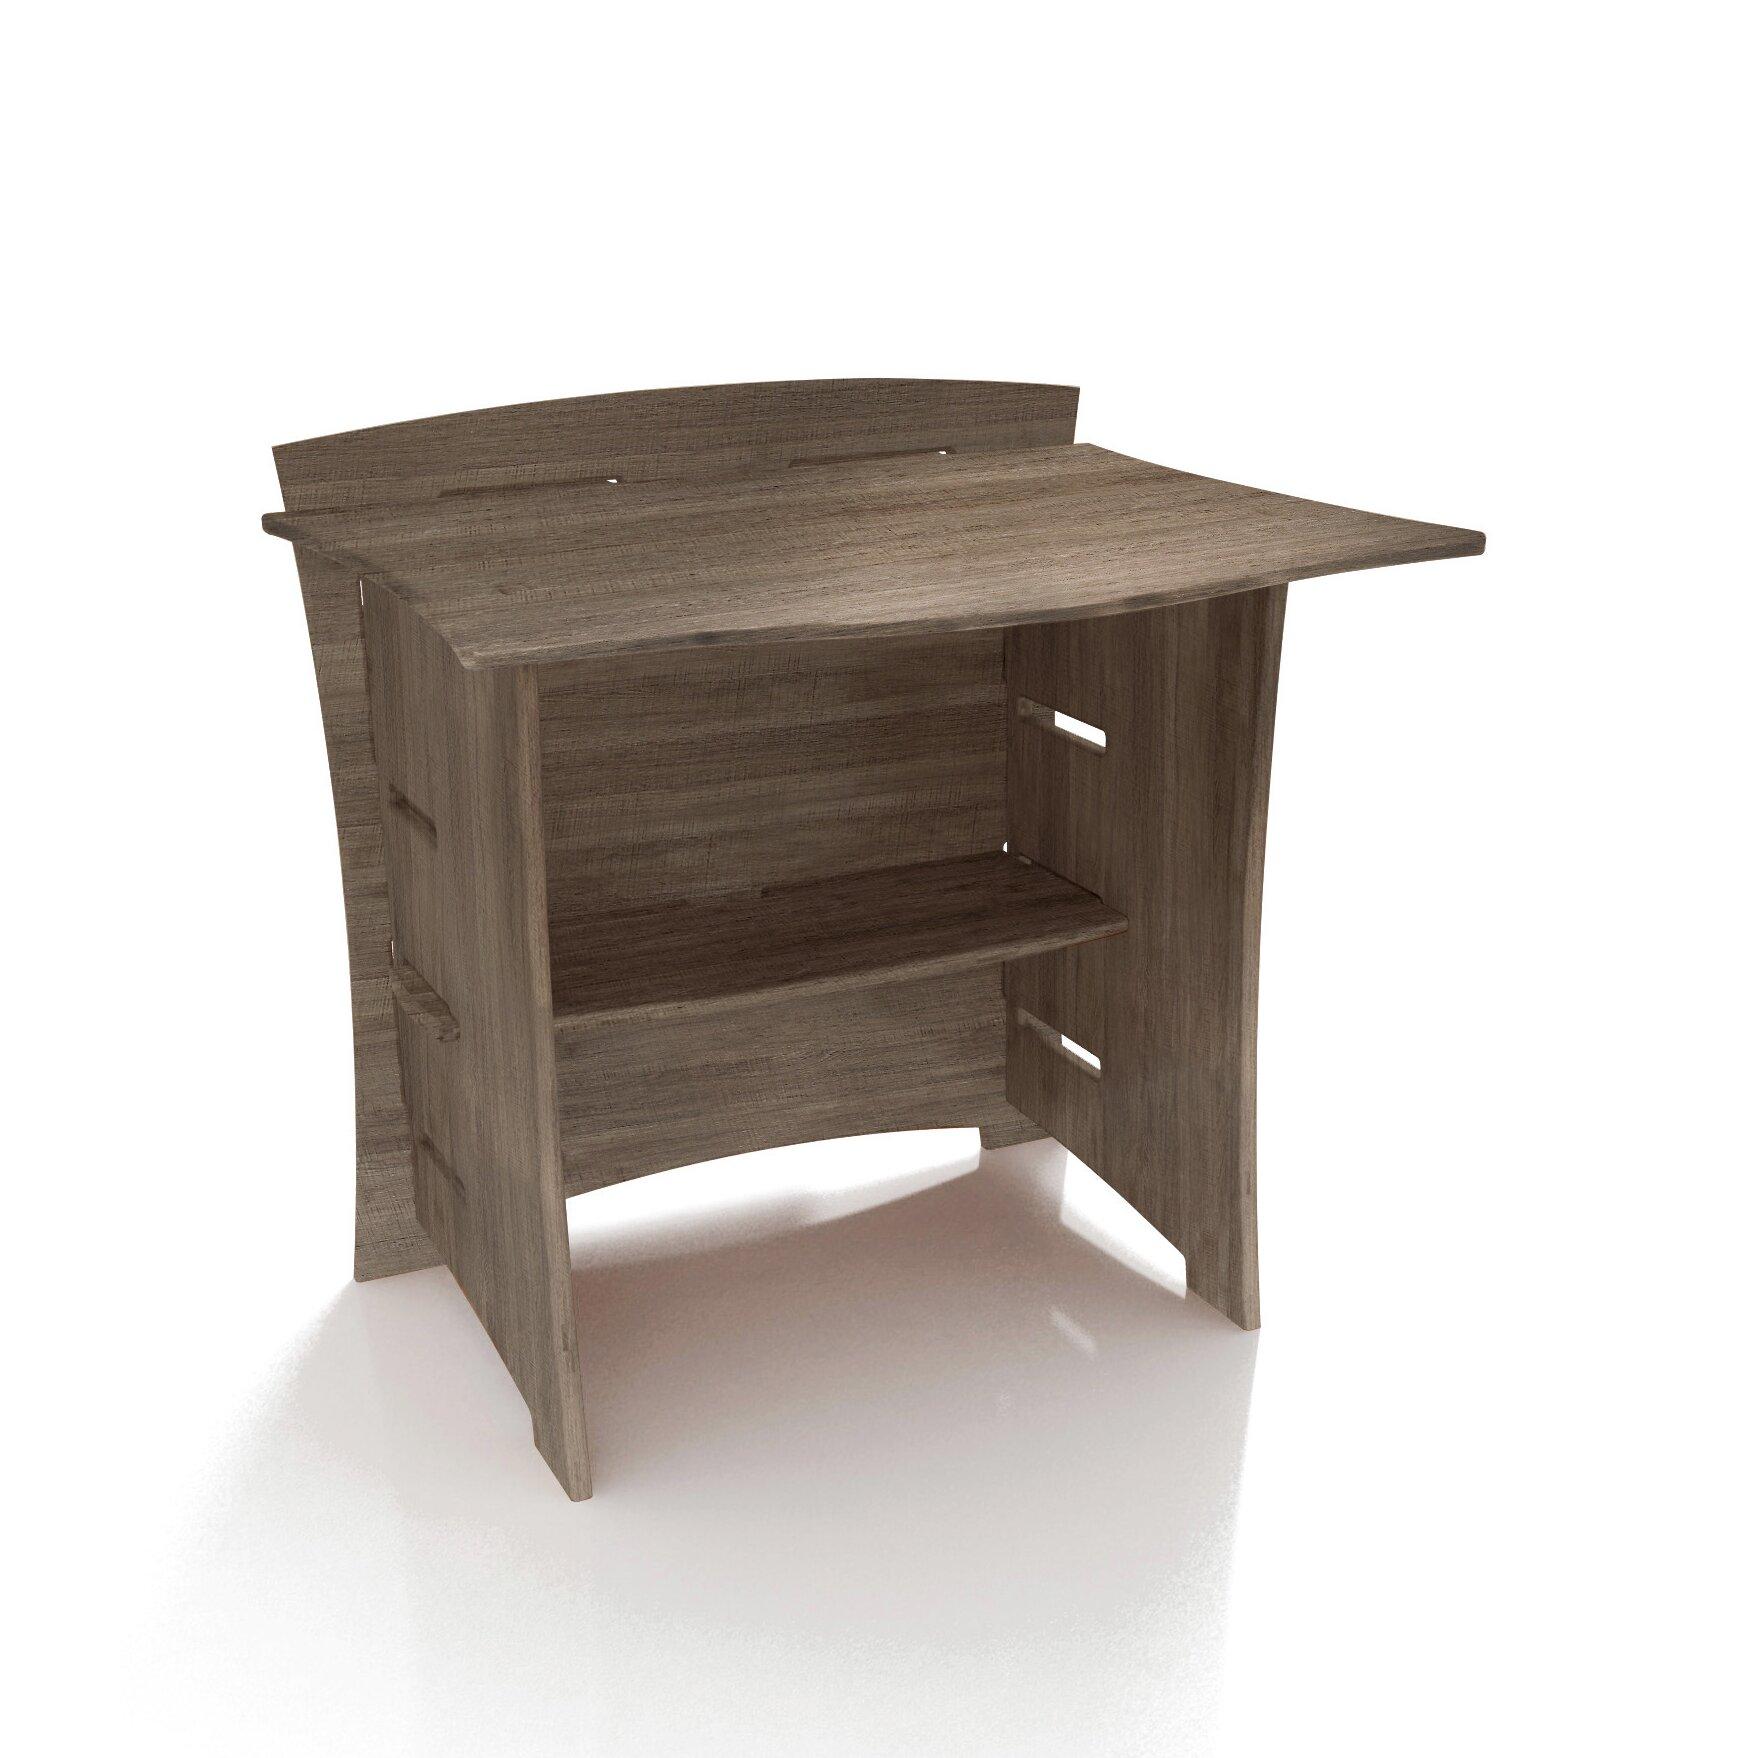 Office furniture desk accessories legare furniture sku lgr1370